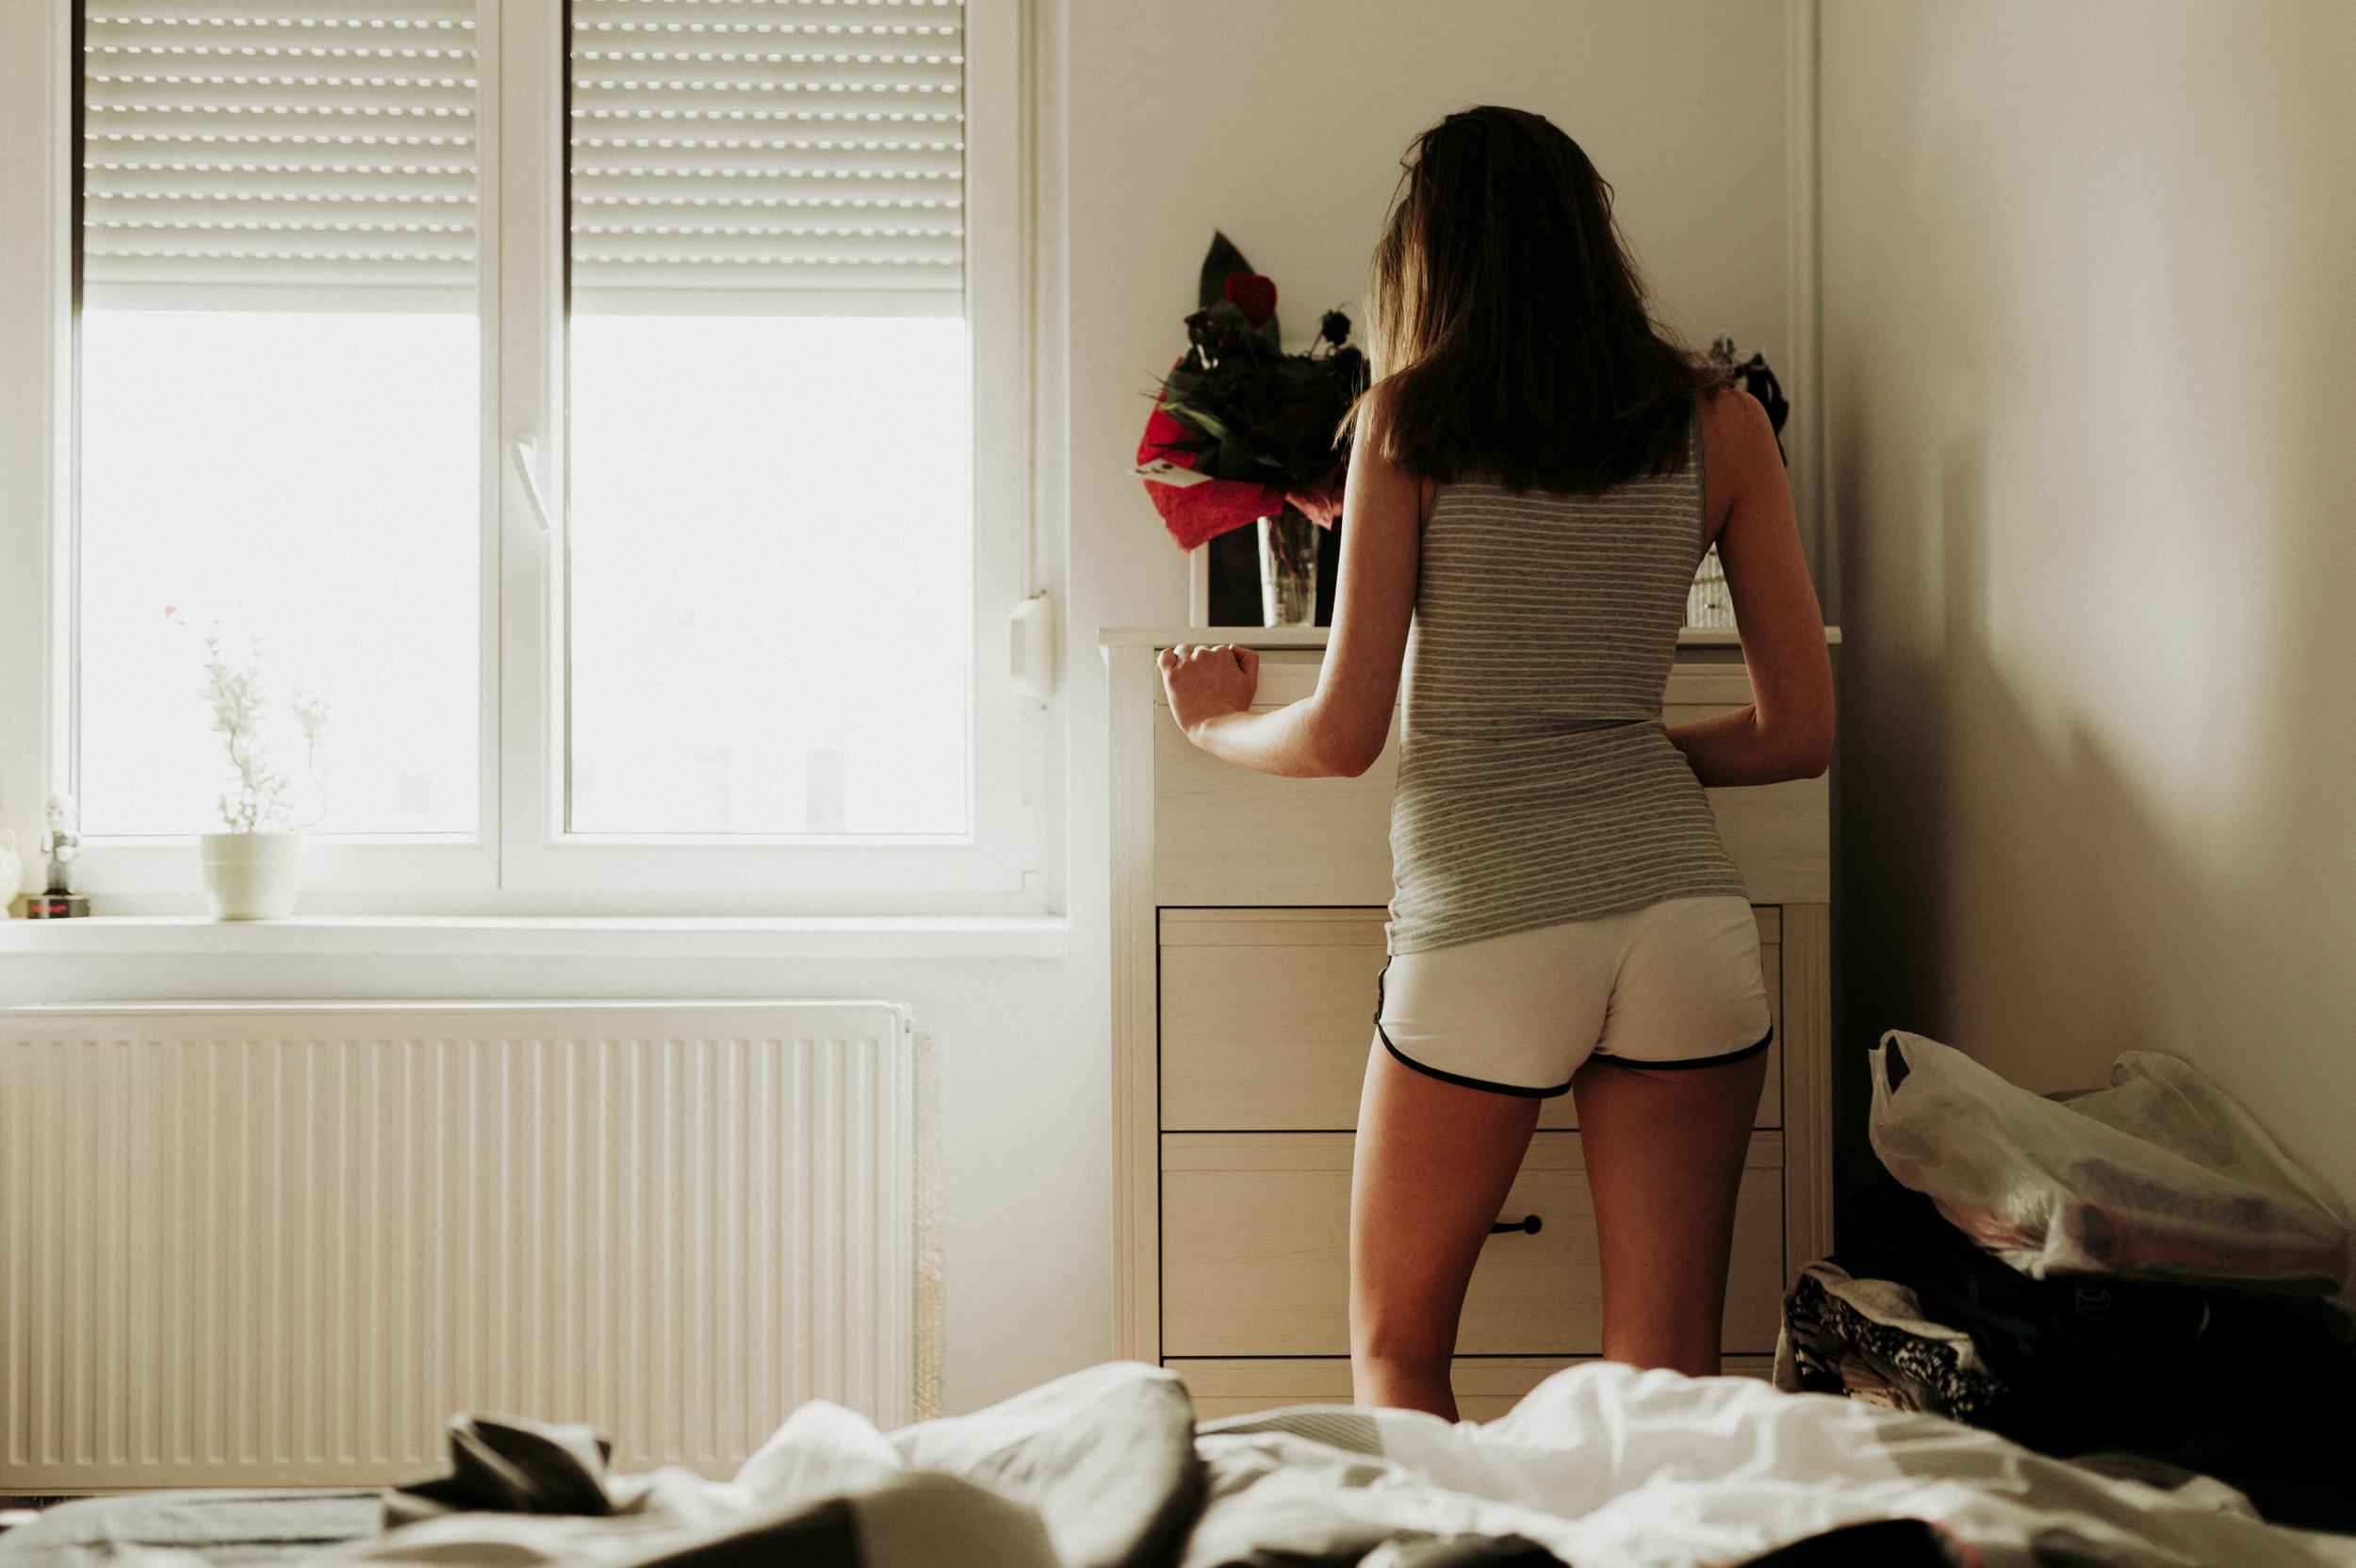 Molly otthoni lifestyle portré fotó. A ruhaválogatás.